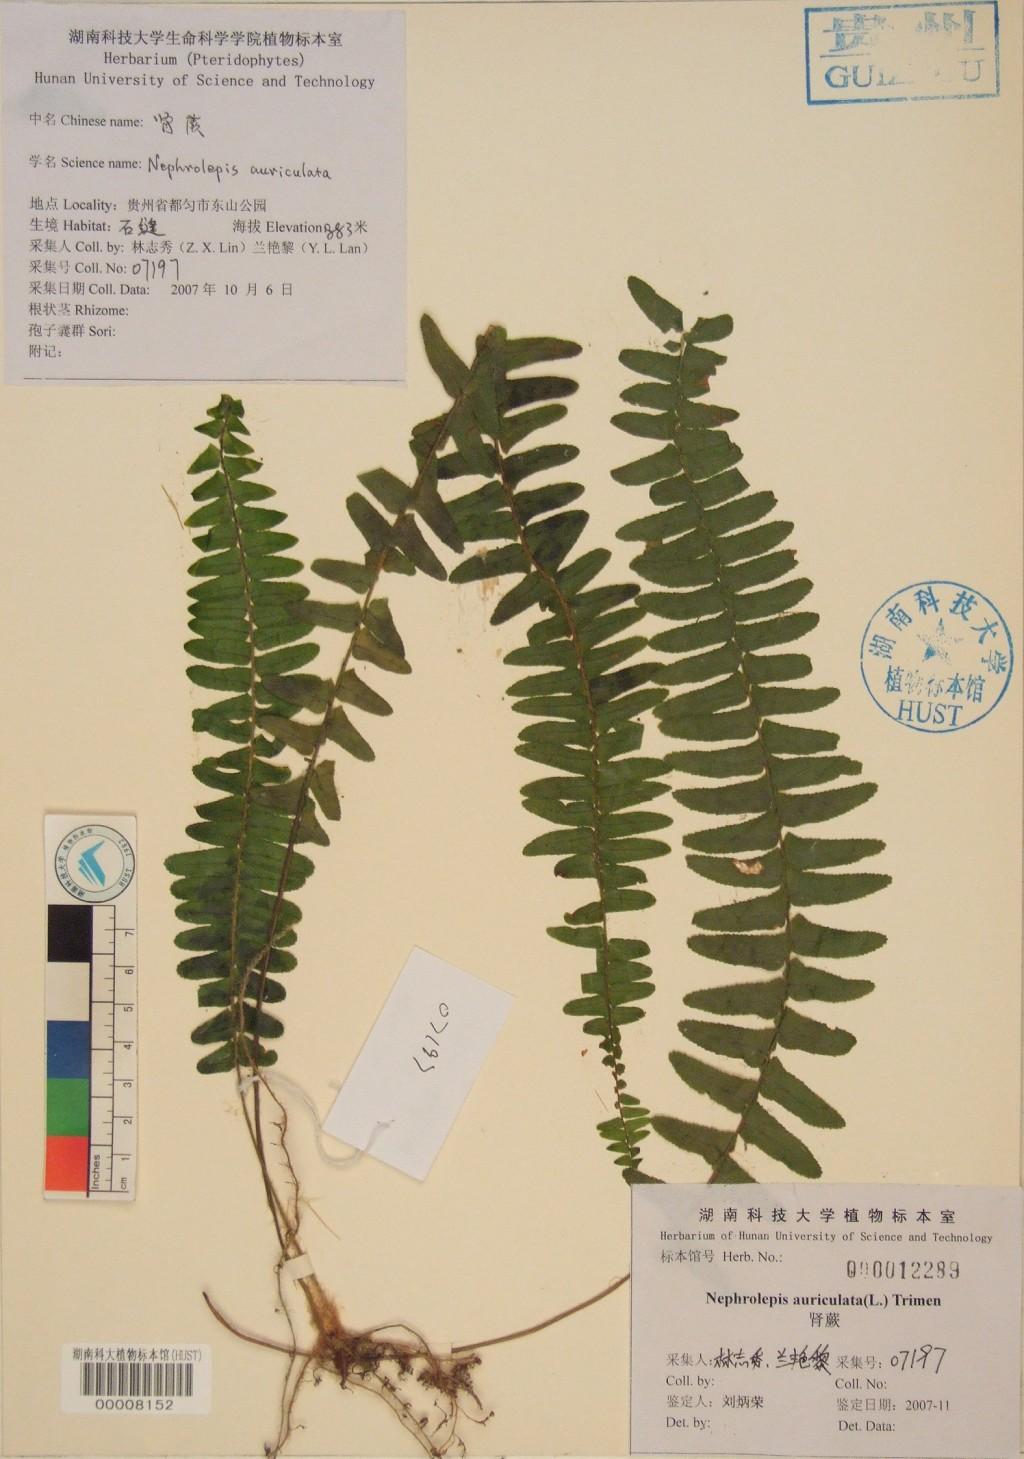 壁纸 植物 蕨类 1024_1459 竖版 竖屏 手机